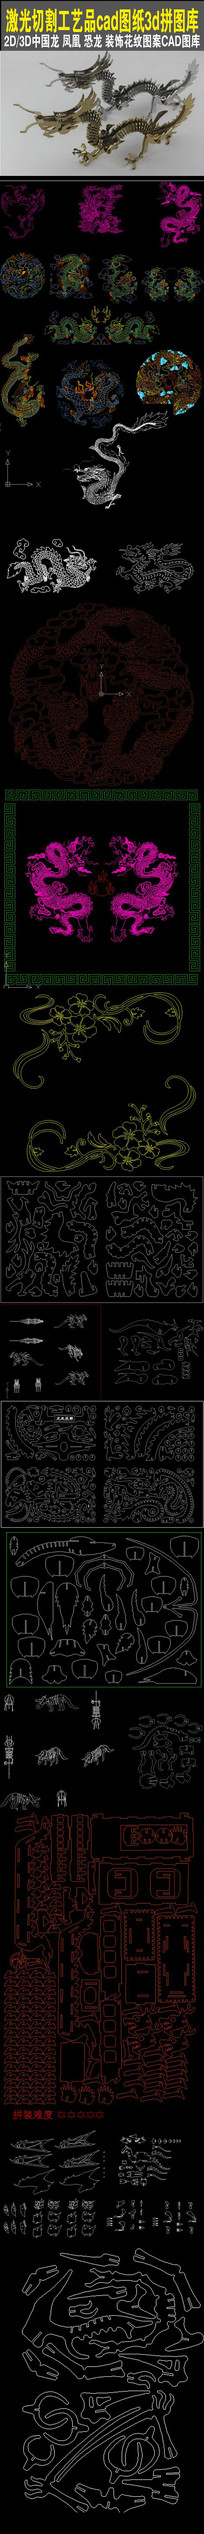 3D中国传统龙凤cad图库